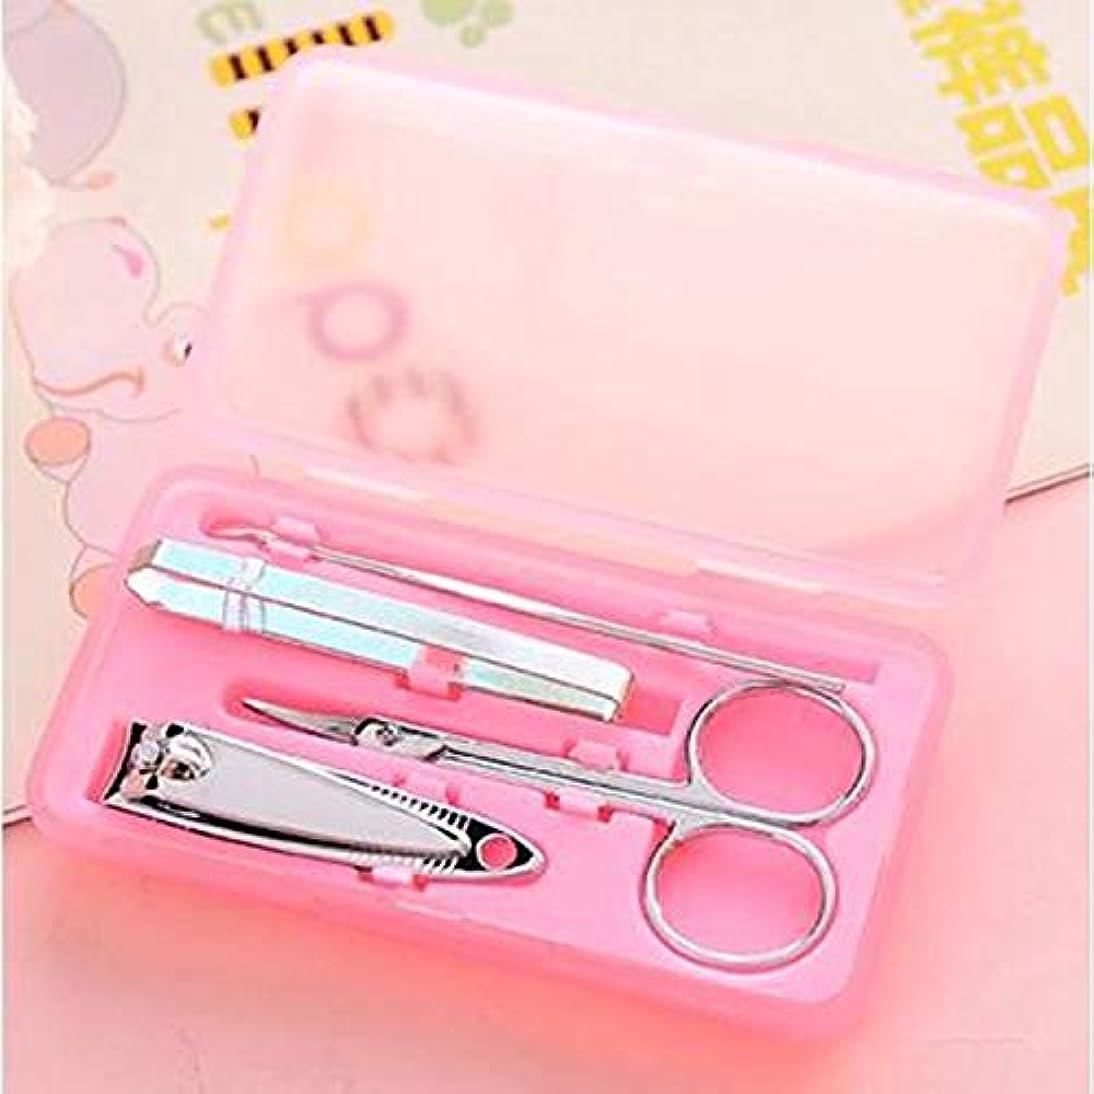 服キャンドル水星CELINEZL CELINEZL 4セットのステンレス鋼の爪切り、ランダムな色配達 (色 : Color1)